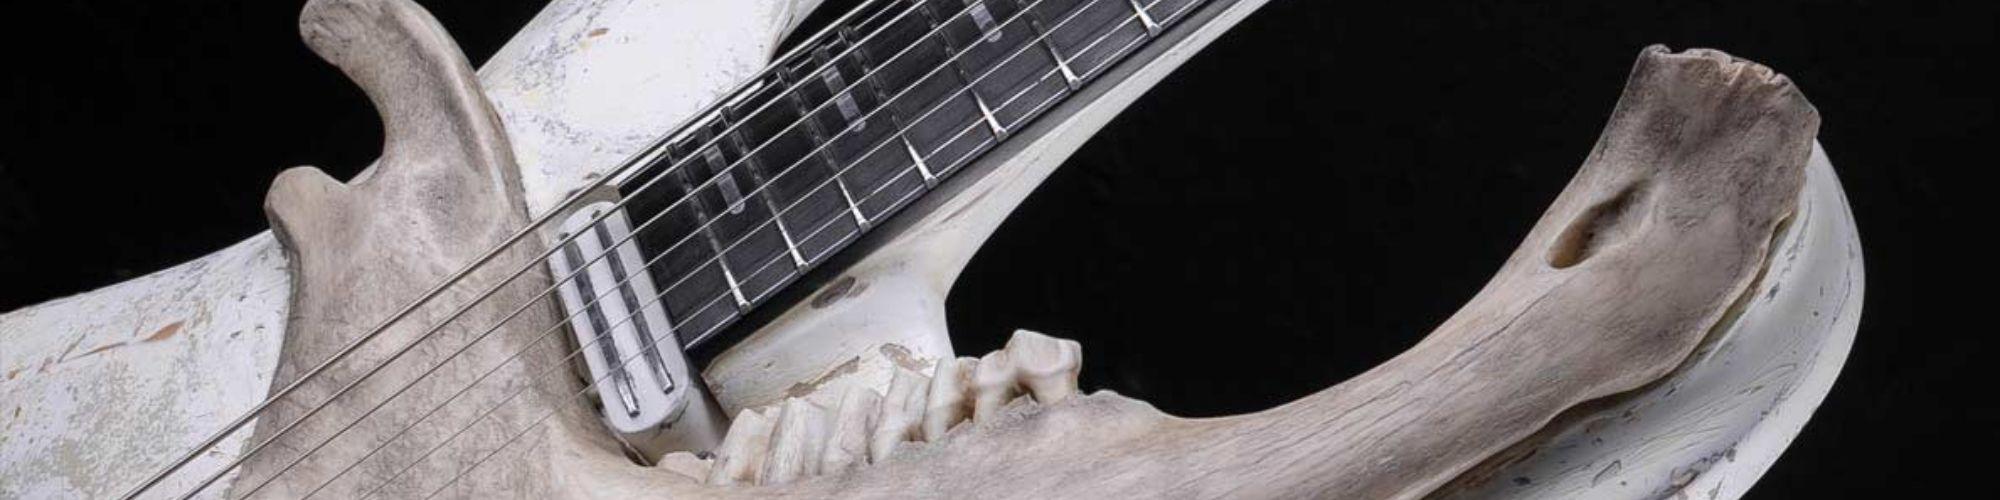 Guitar Gallery - cyanguitars